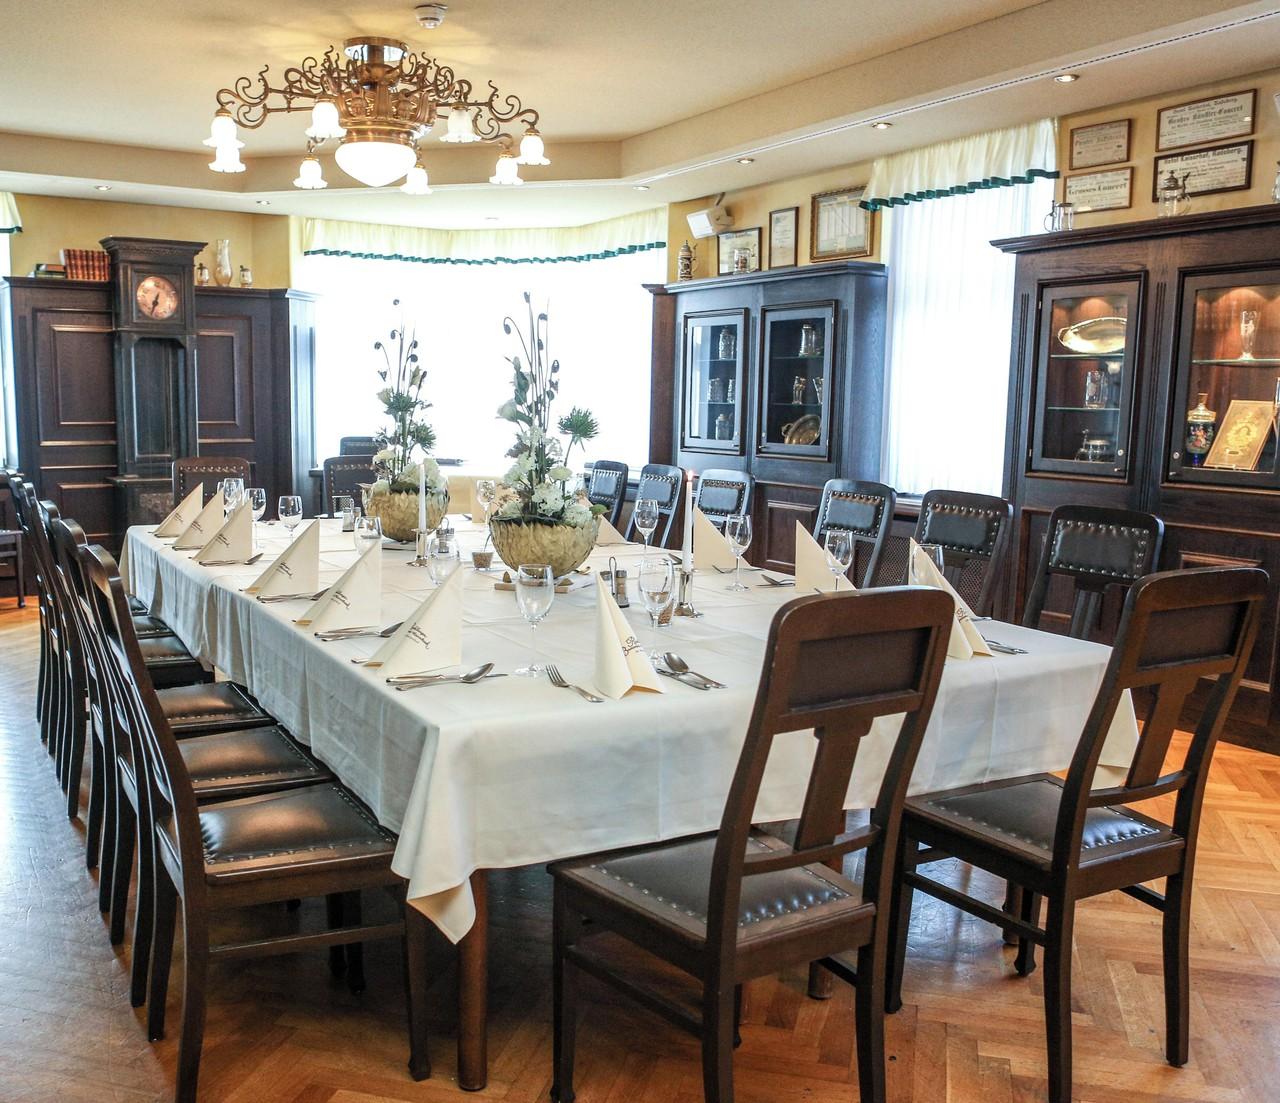 Rest der Welt seminar rooms Historisches Gebäude Salon Raum image 0